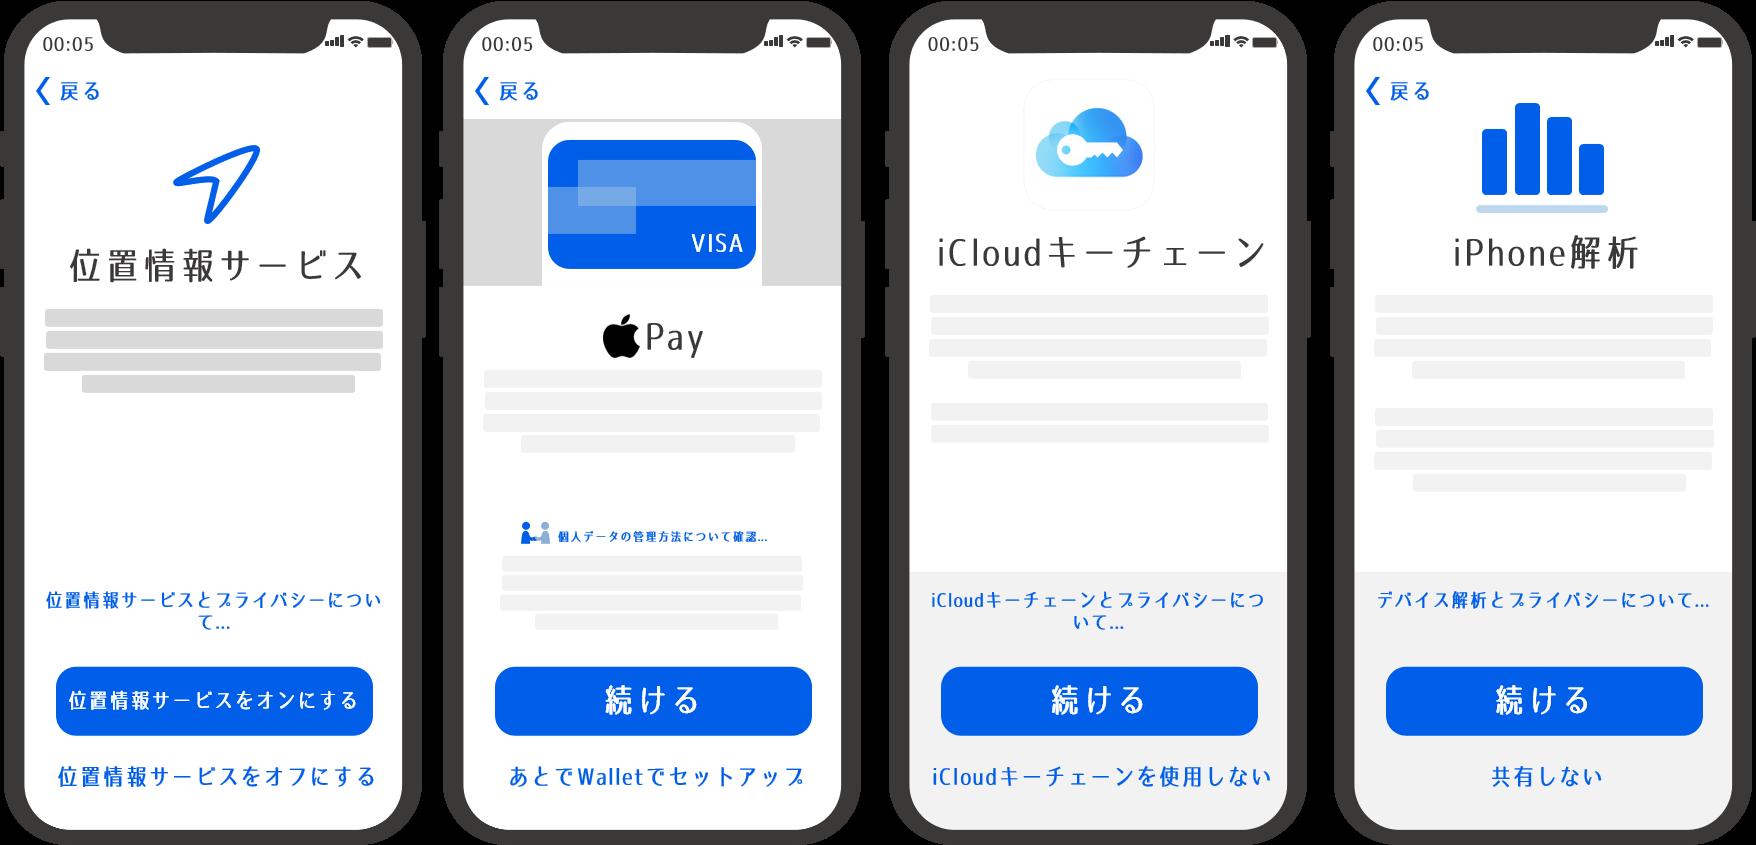 新iphoneでやること16-1 2 3 4